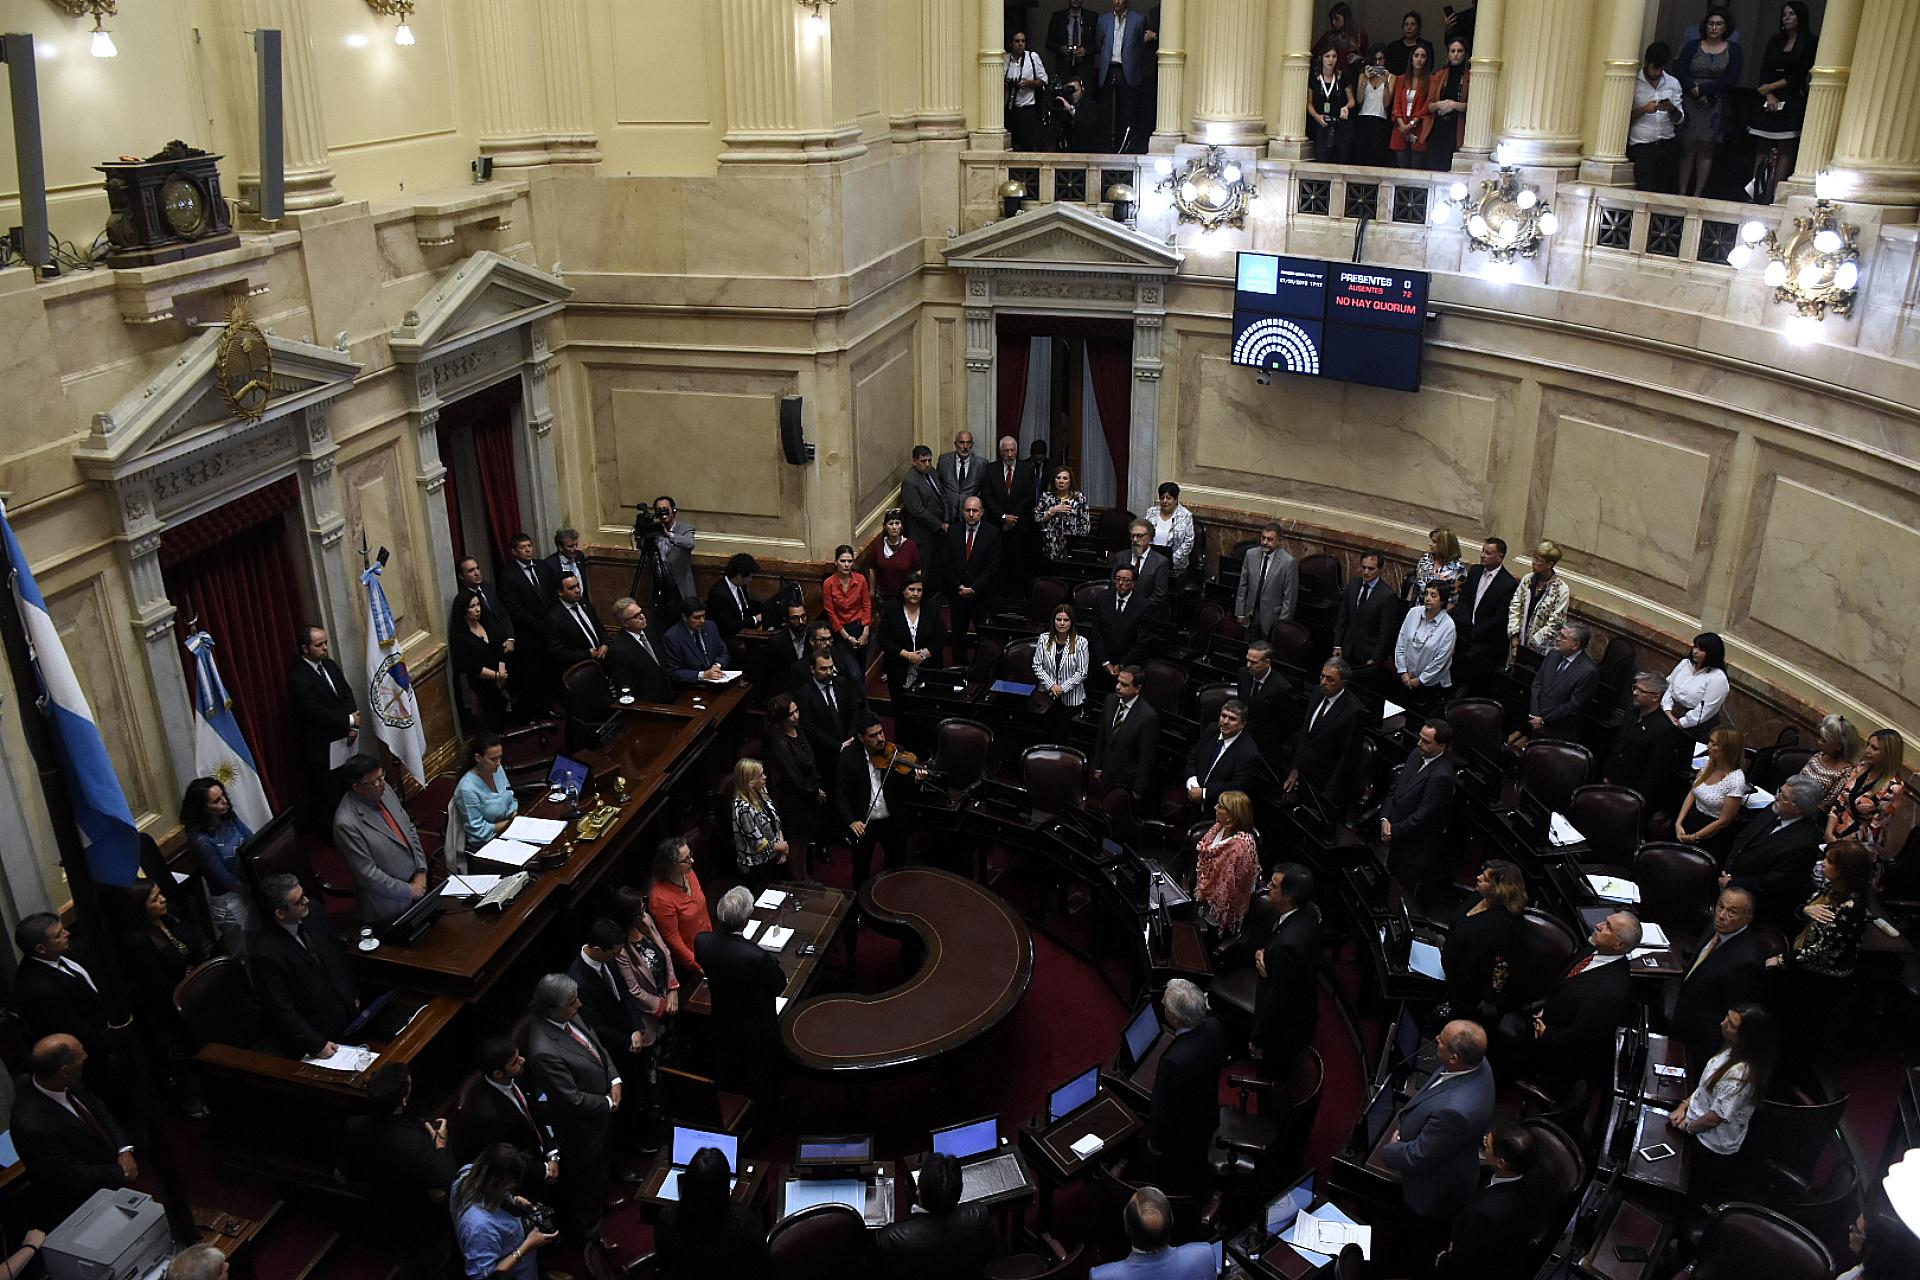 El presupuesto anual del Senado asciende a más de 9 mil millones de pesos (foto de archivo: Nicolás Stulberg)